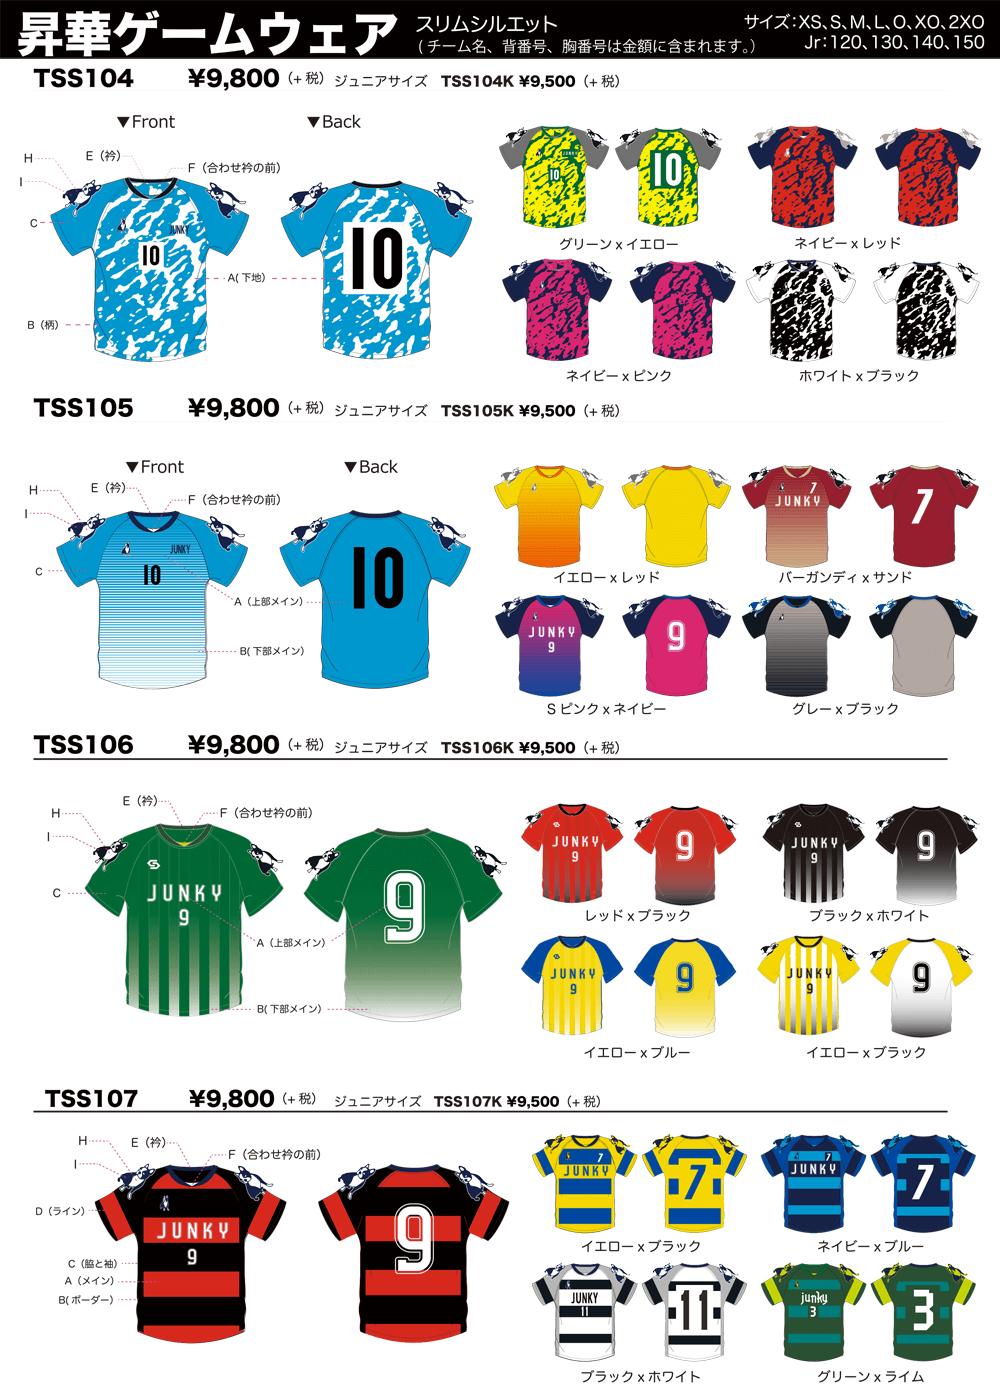 サッカージャンキー昇華ユニフォーム2